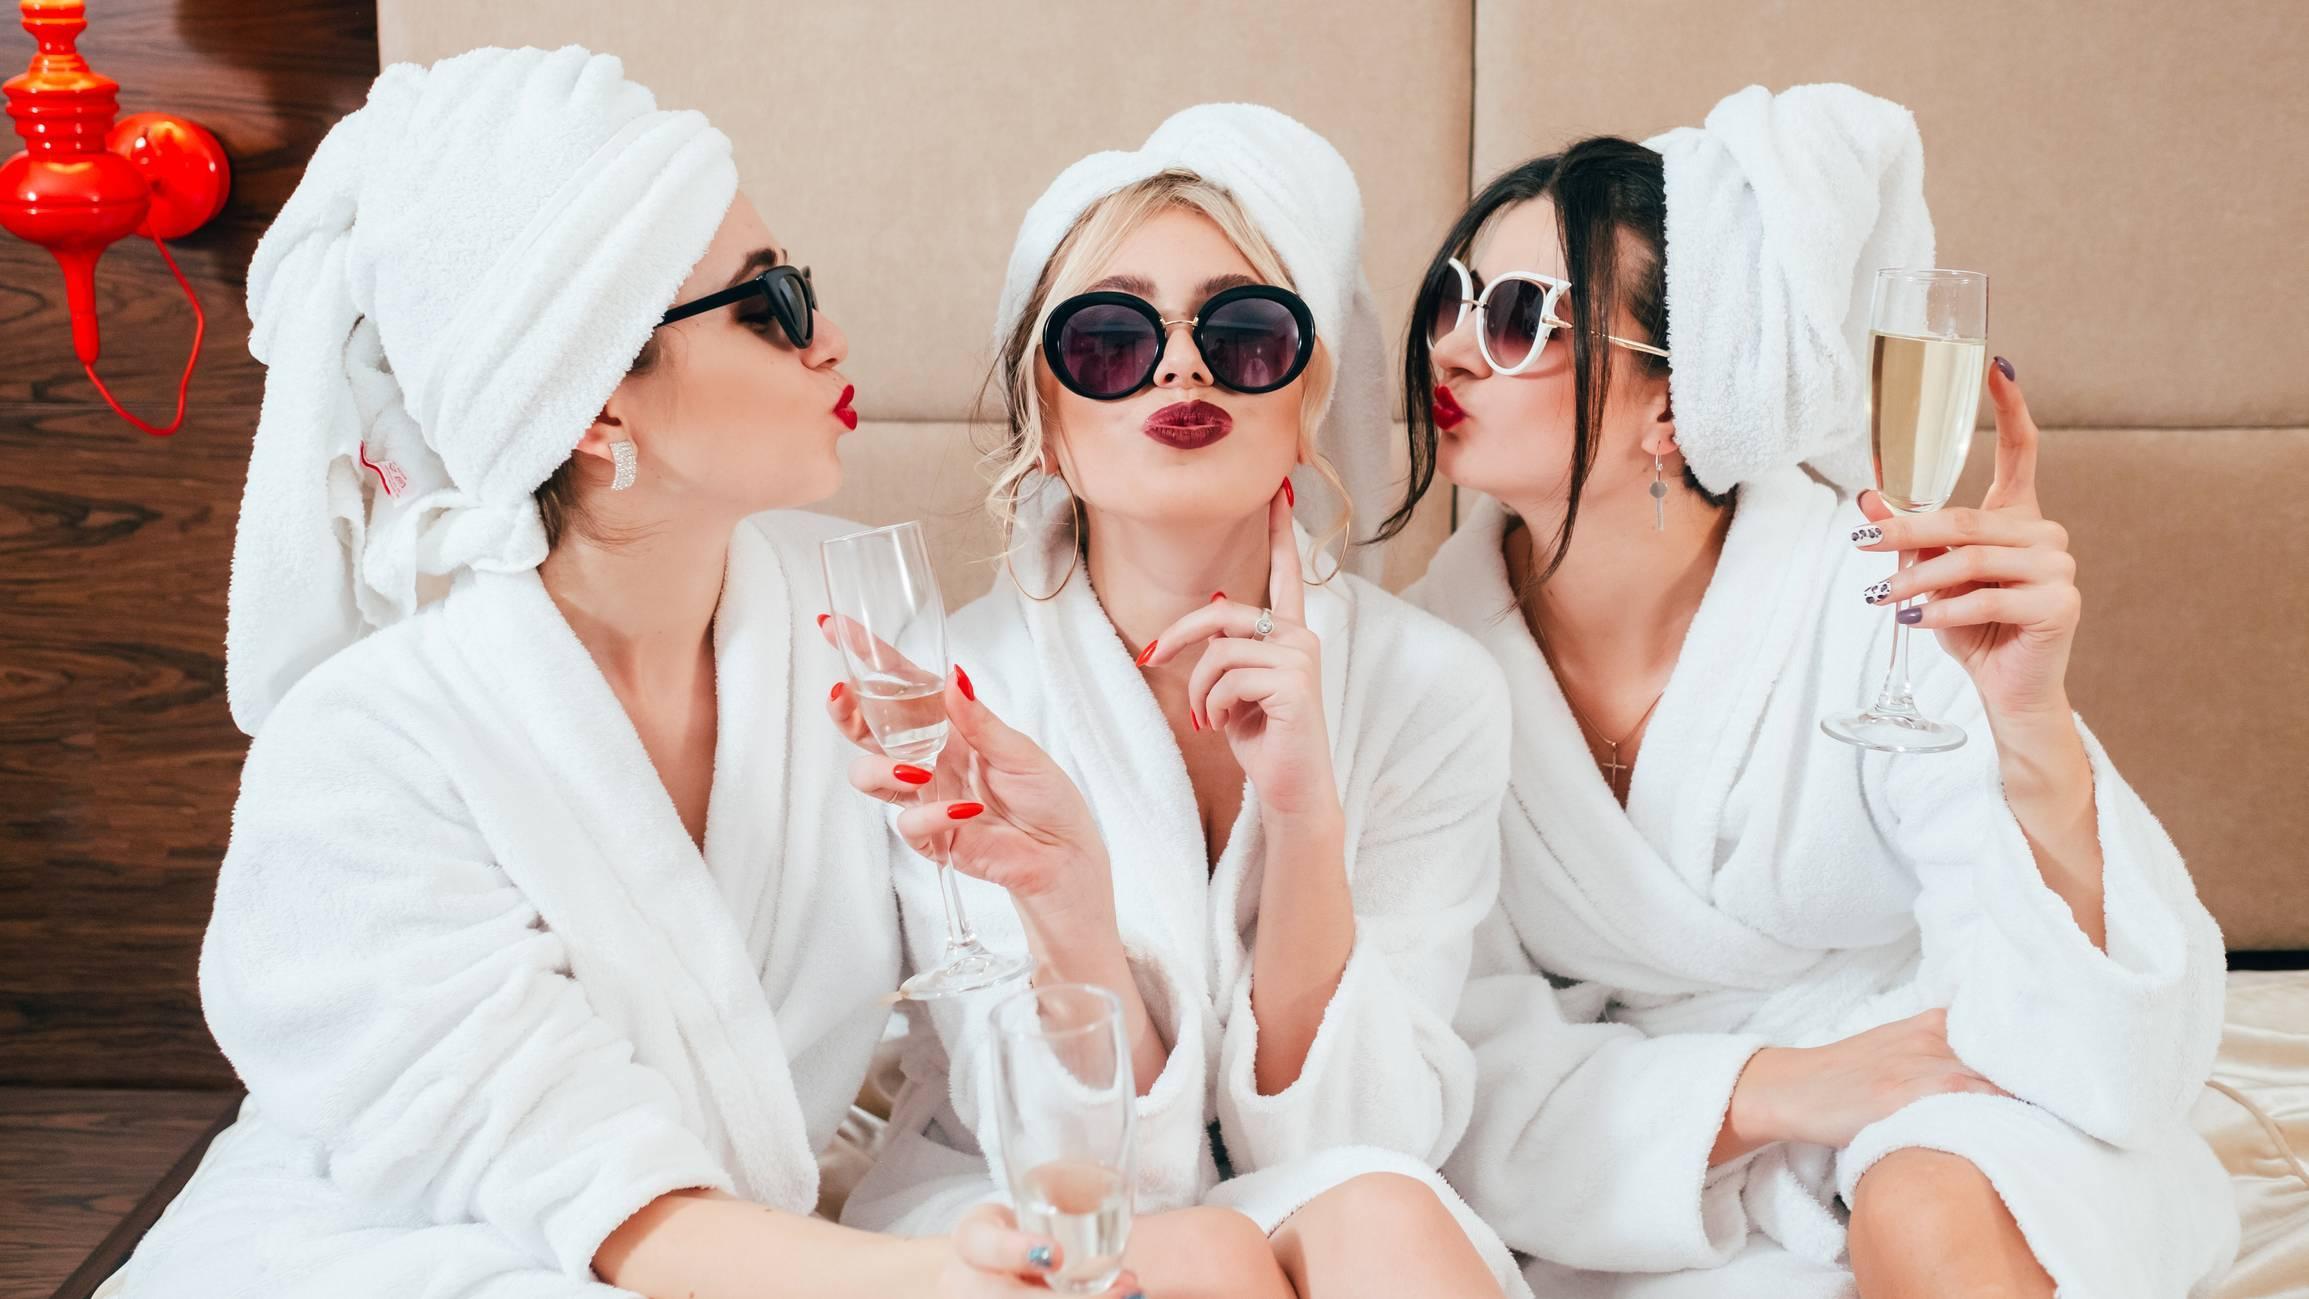 picture bienfaits avantages spa - Le spa, ses bienfaits, ses avantages